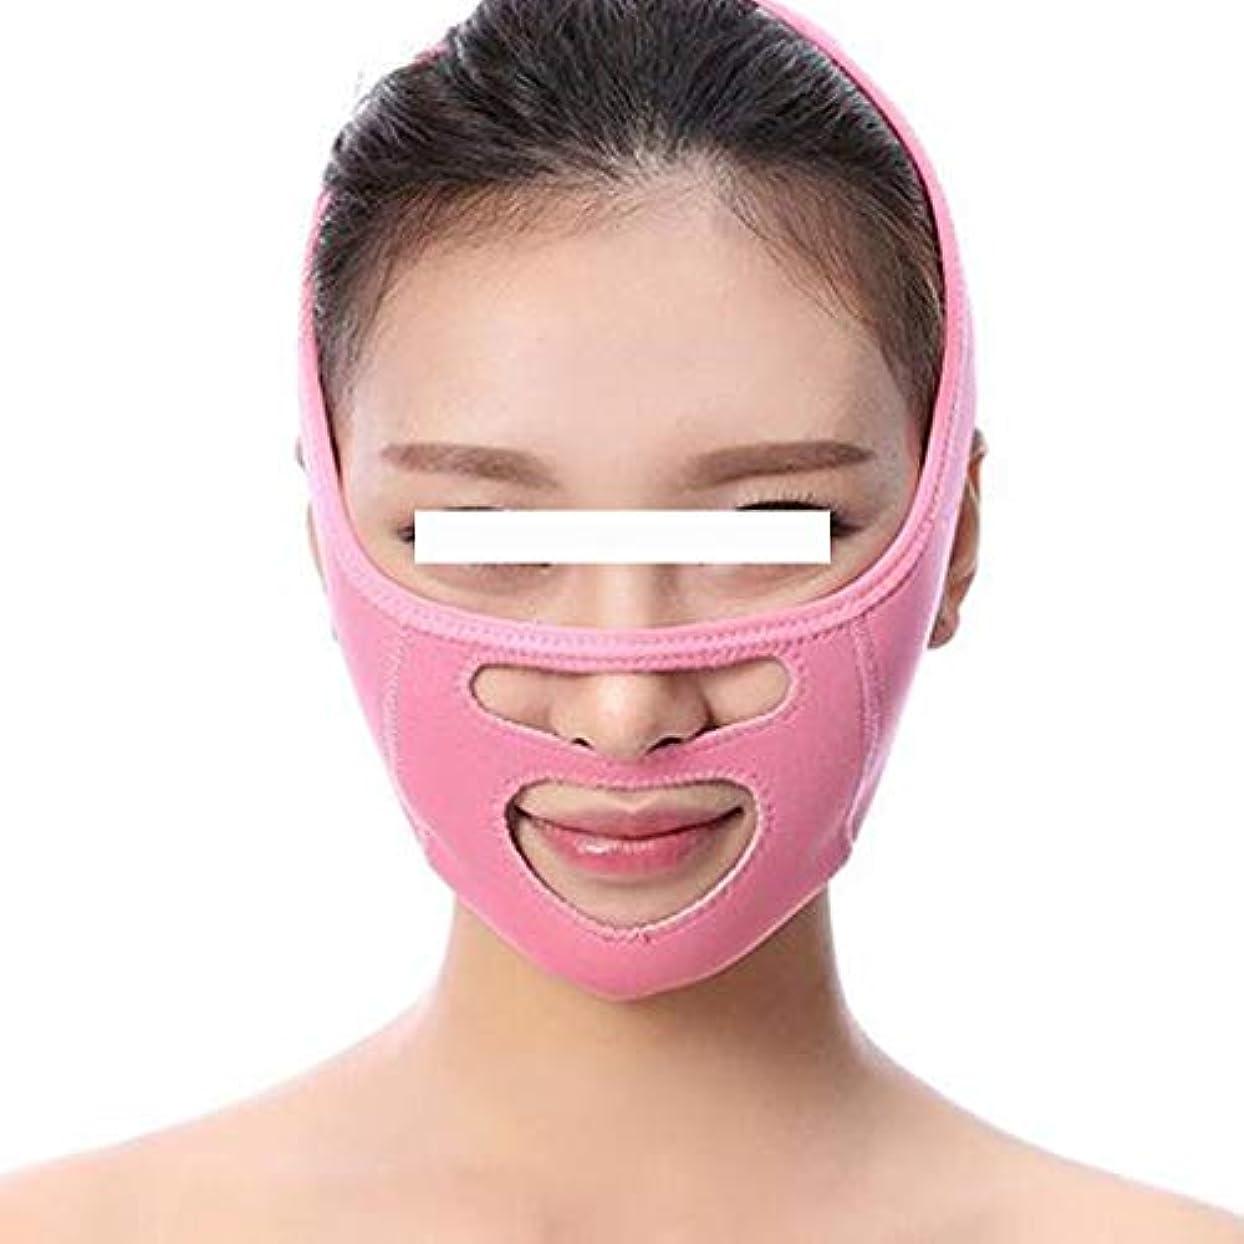 アーネストシャクルトン口述テザー人気のVフェイスマスク - 睡眠小顔美容フェイス包帯 - Decreeダブルチンvフェイスに移動